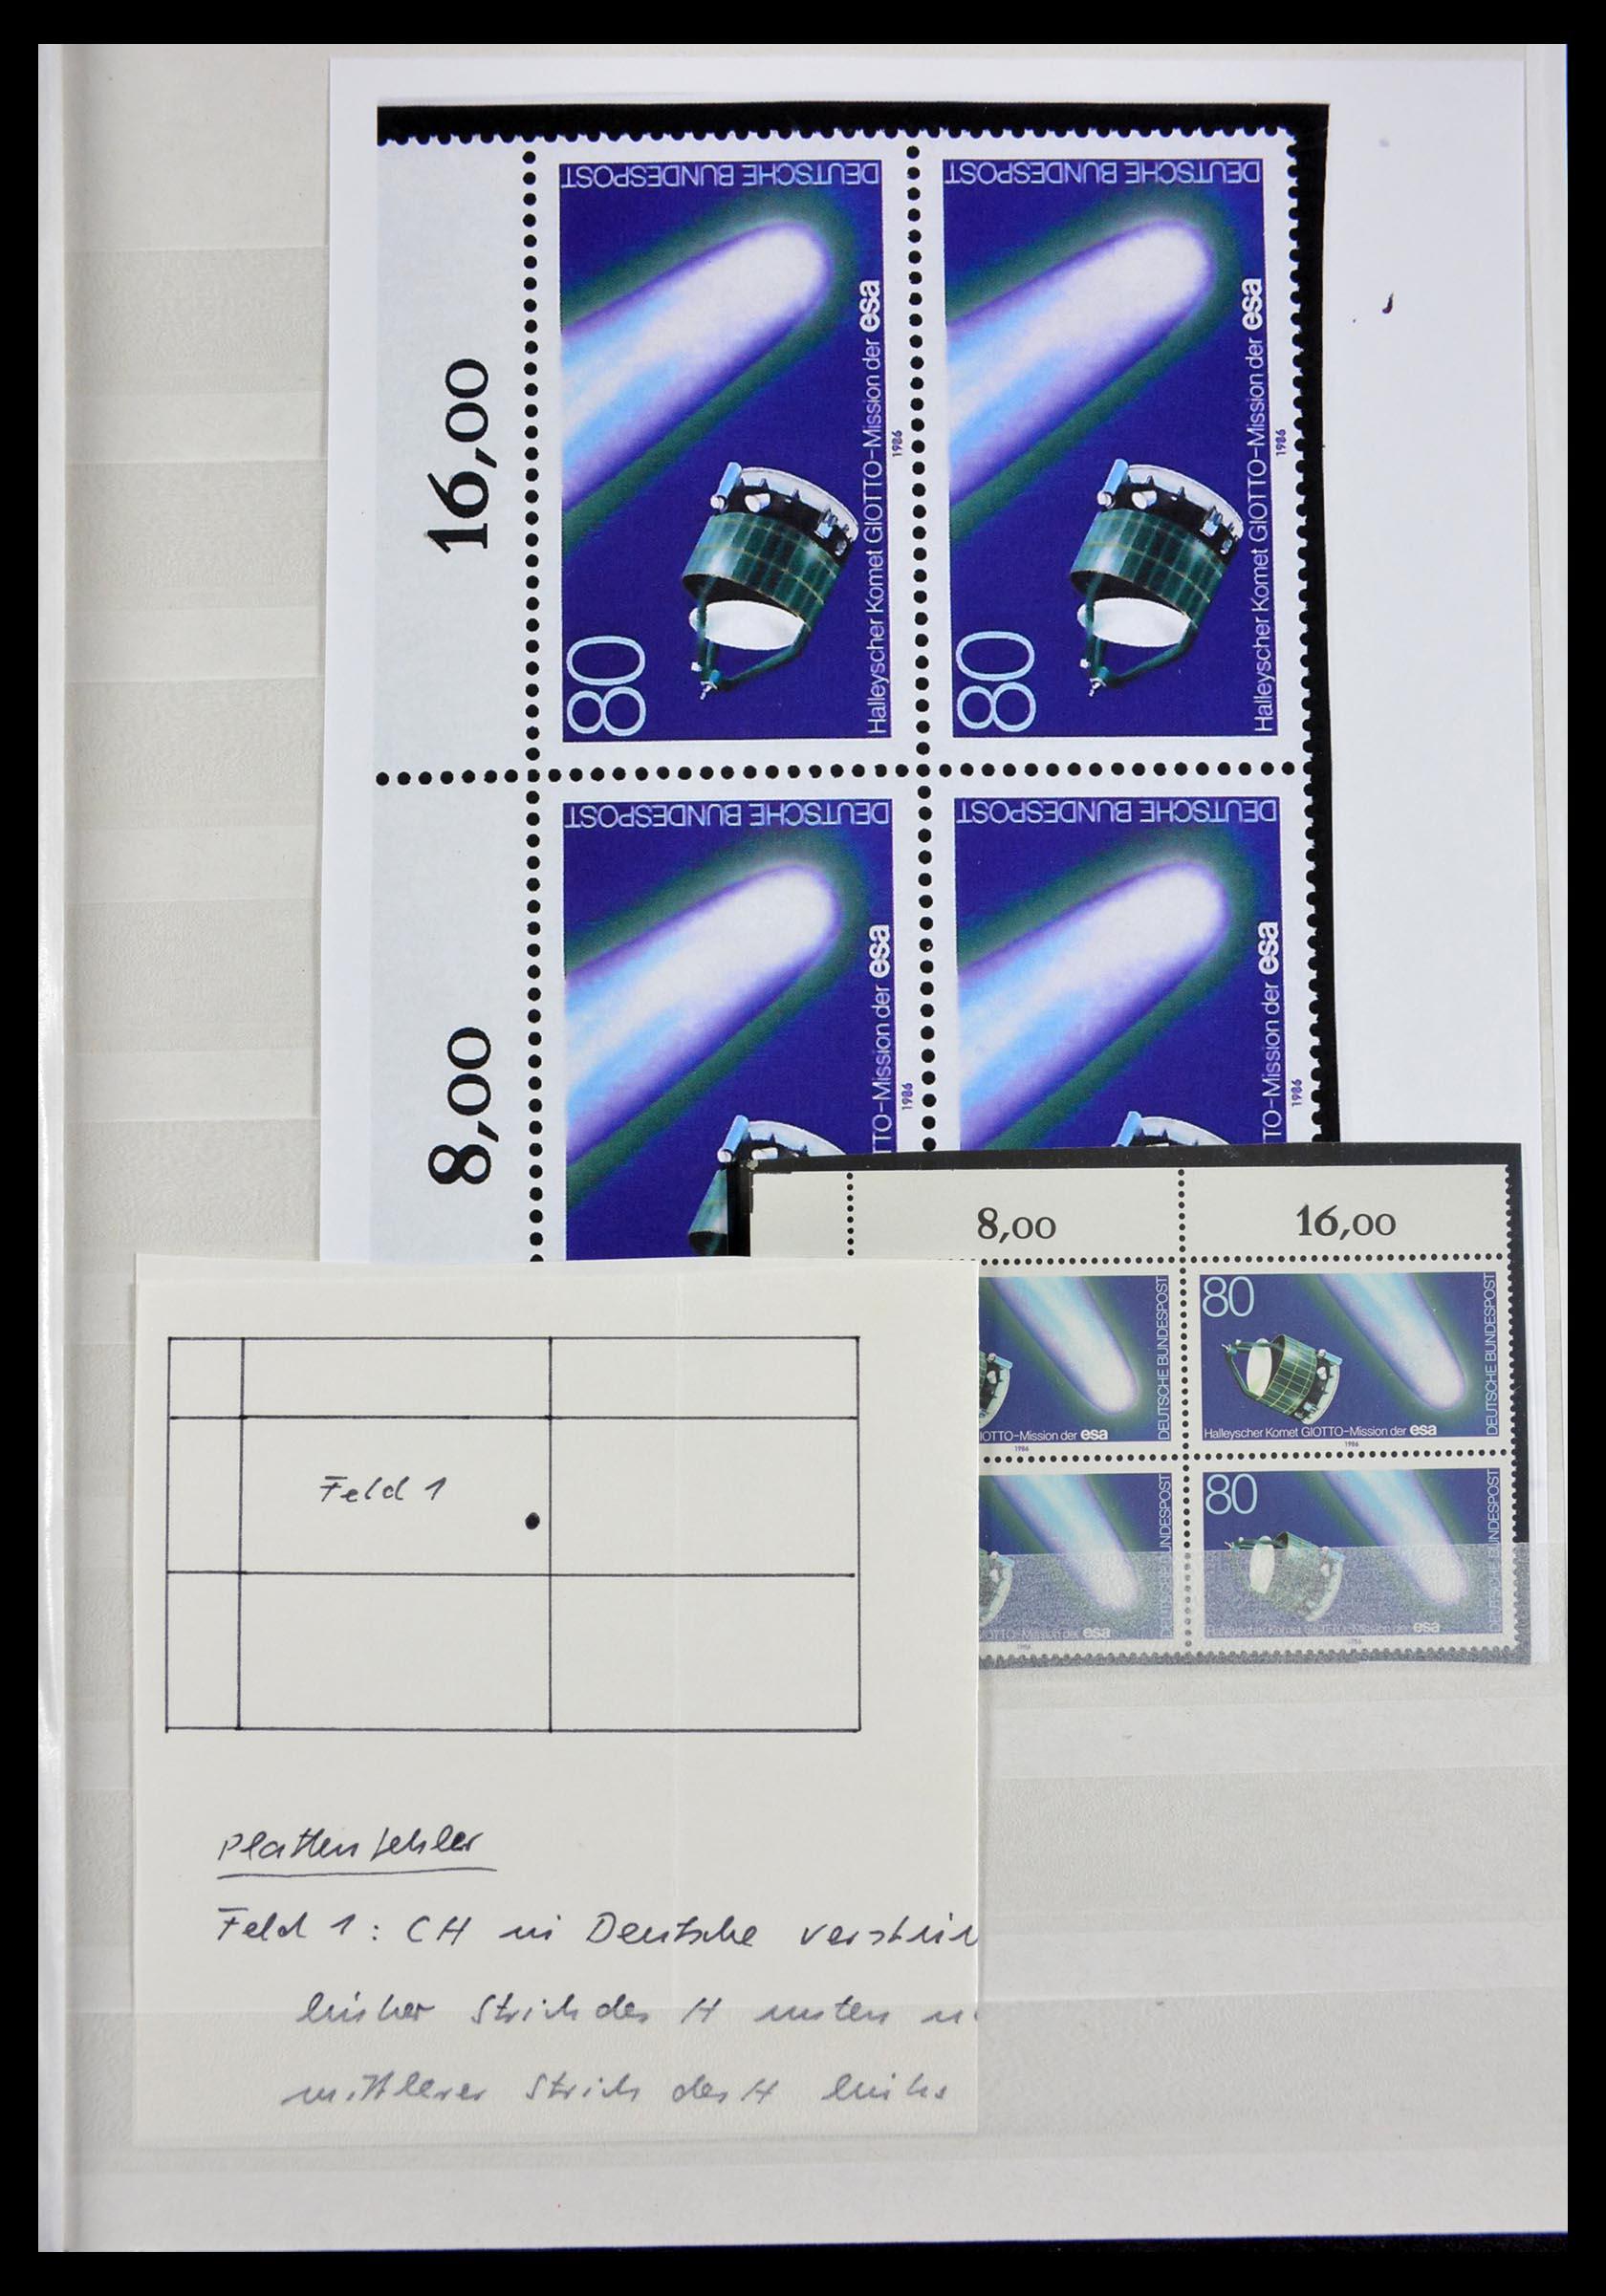 29491 009 - 29491 Bundespost plateflaws 1957-1994.